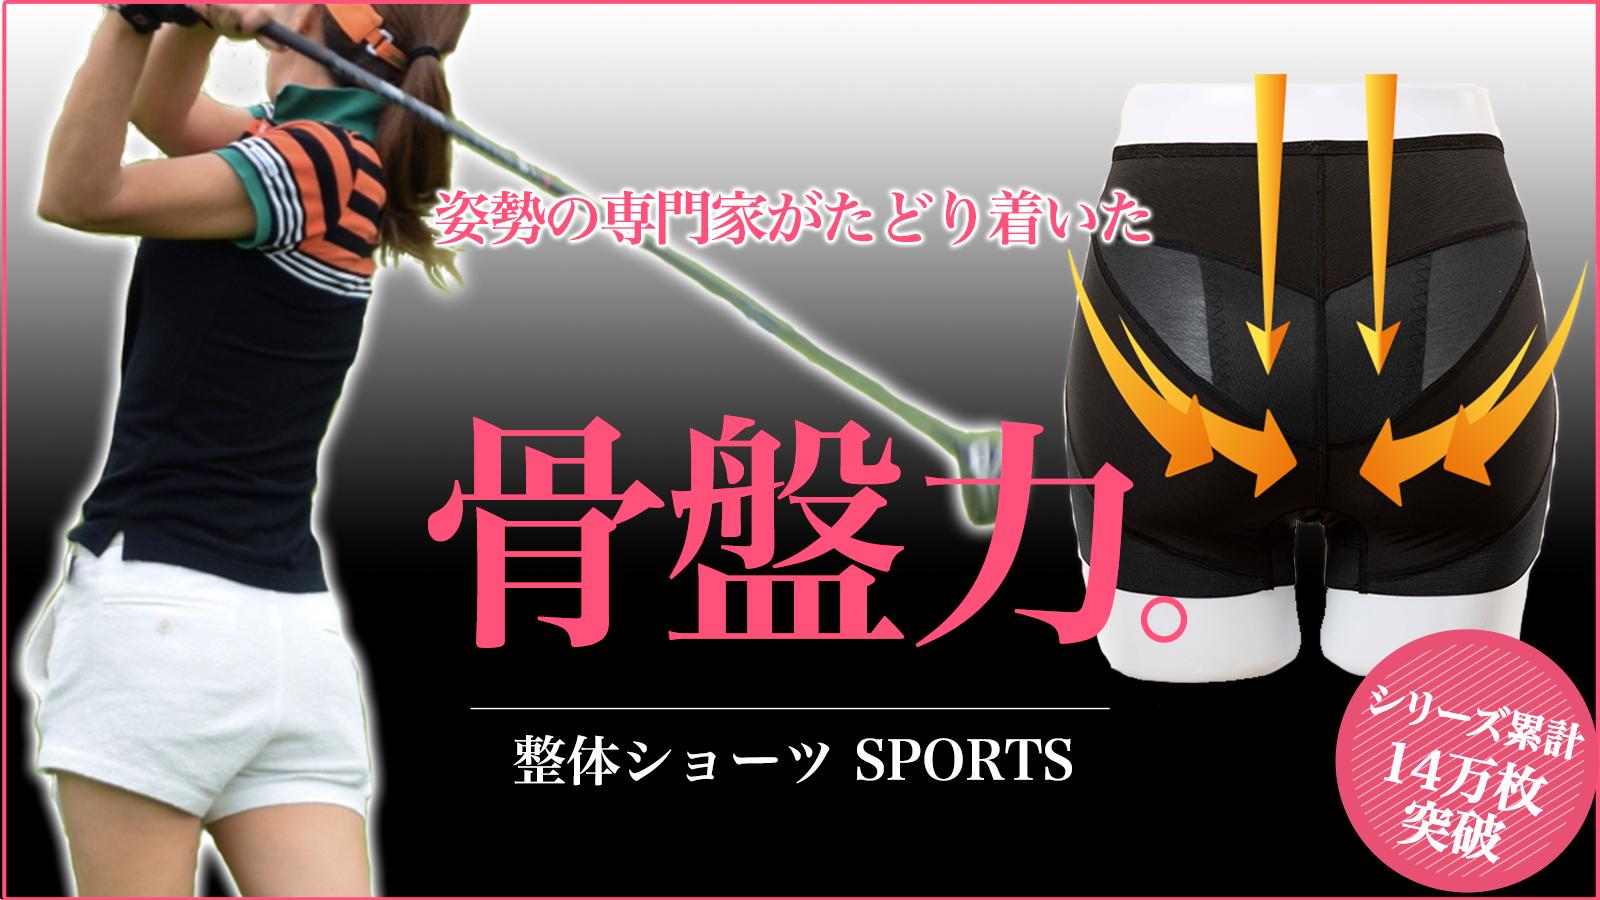 女性版スポーツ用骨盤ショーツ「整体ショーツSPORTS」先行予約開始